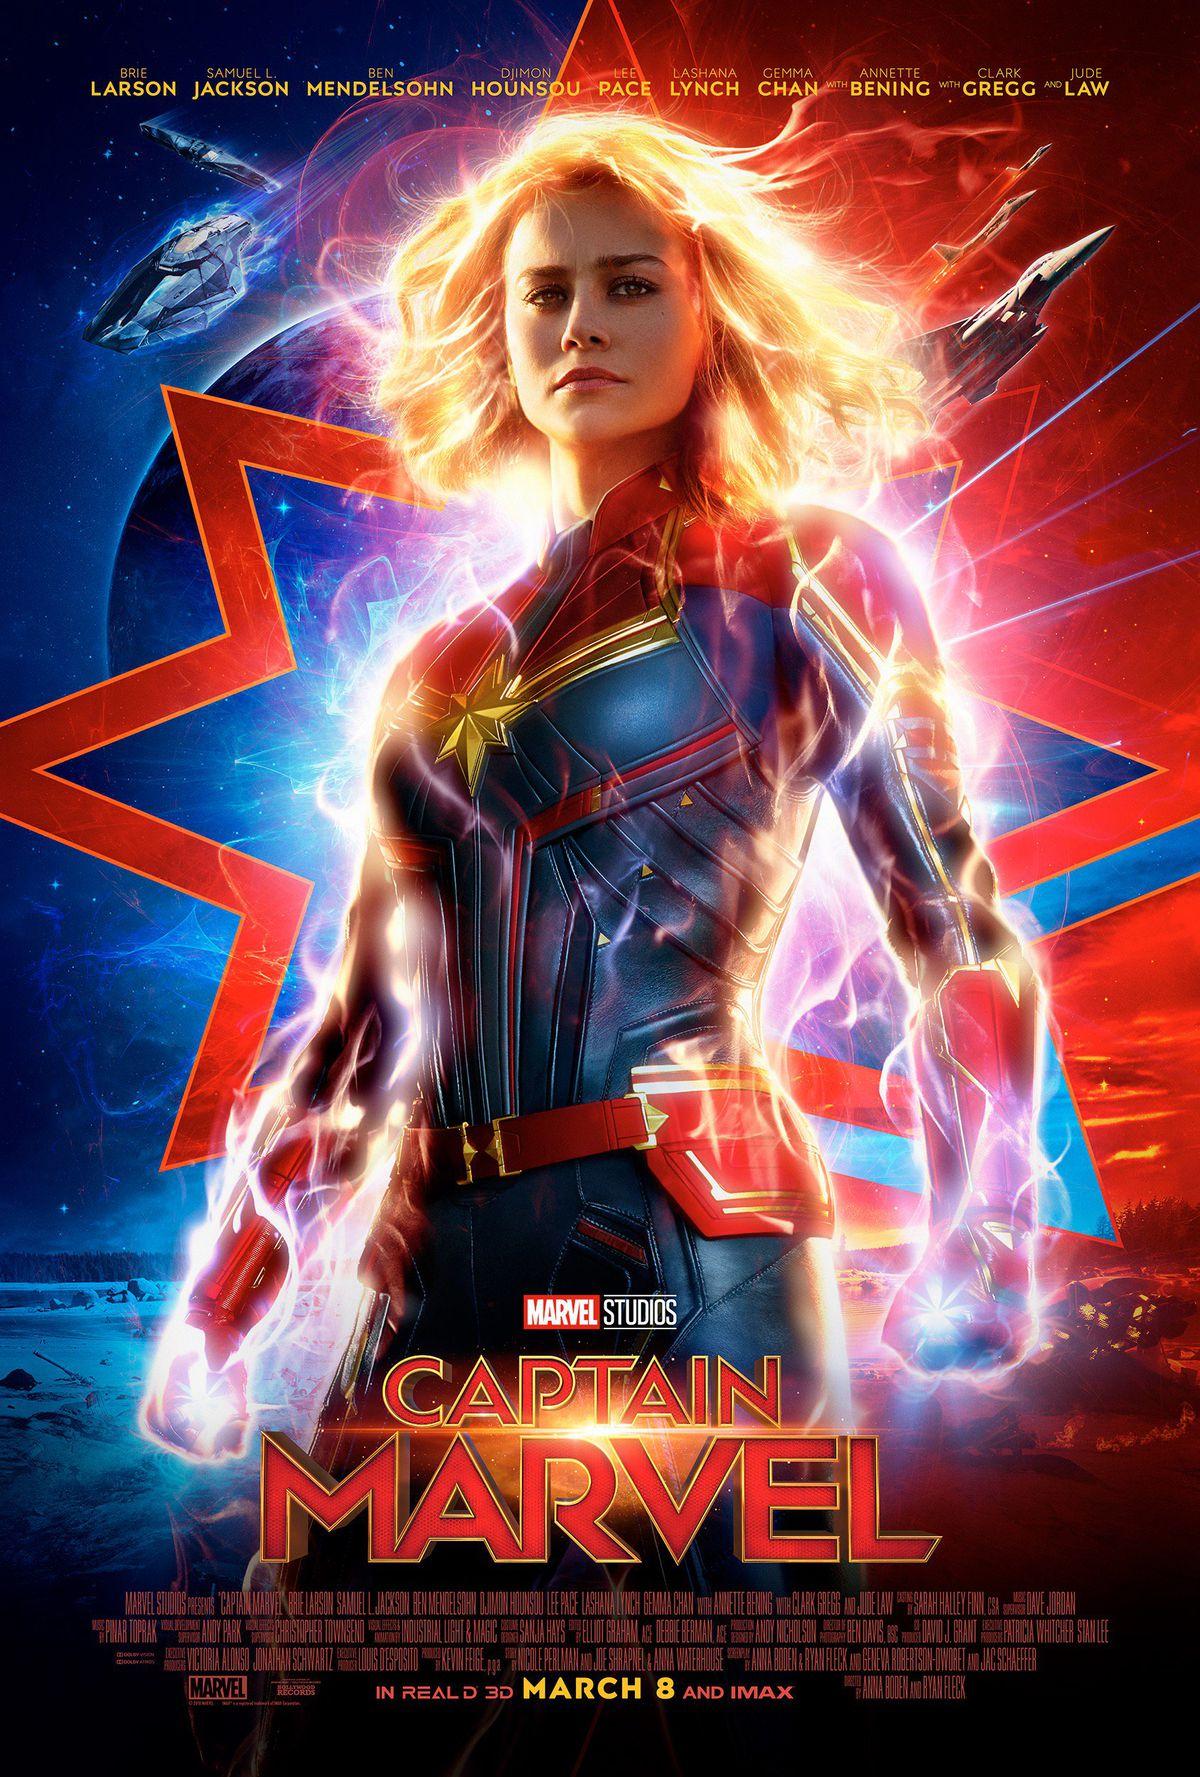 Captain Marvel Poster Arrives Before New Trailer Avengers 4 Update Polygon